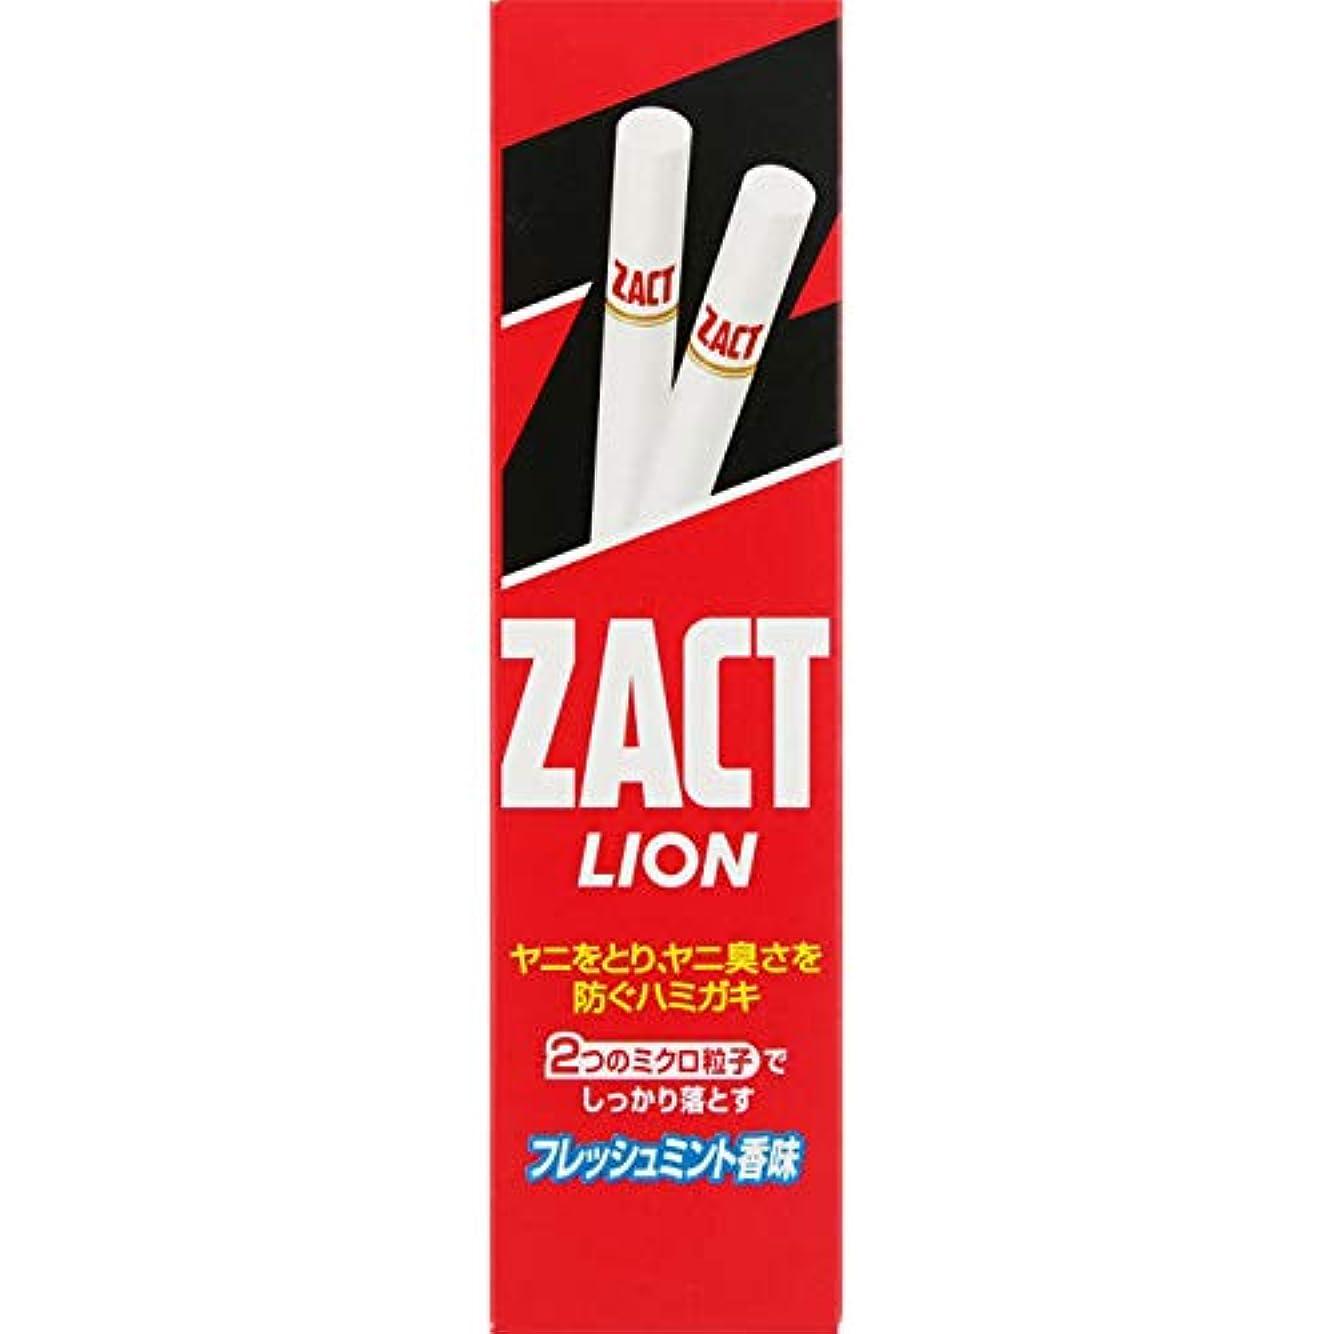 新しさ手がかり免除するライオン ザクト ライオン 150g(医薬部外品)